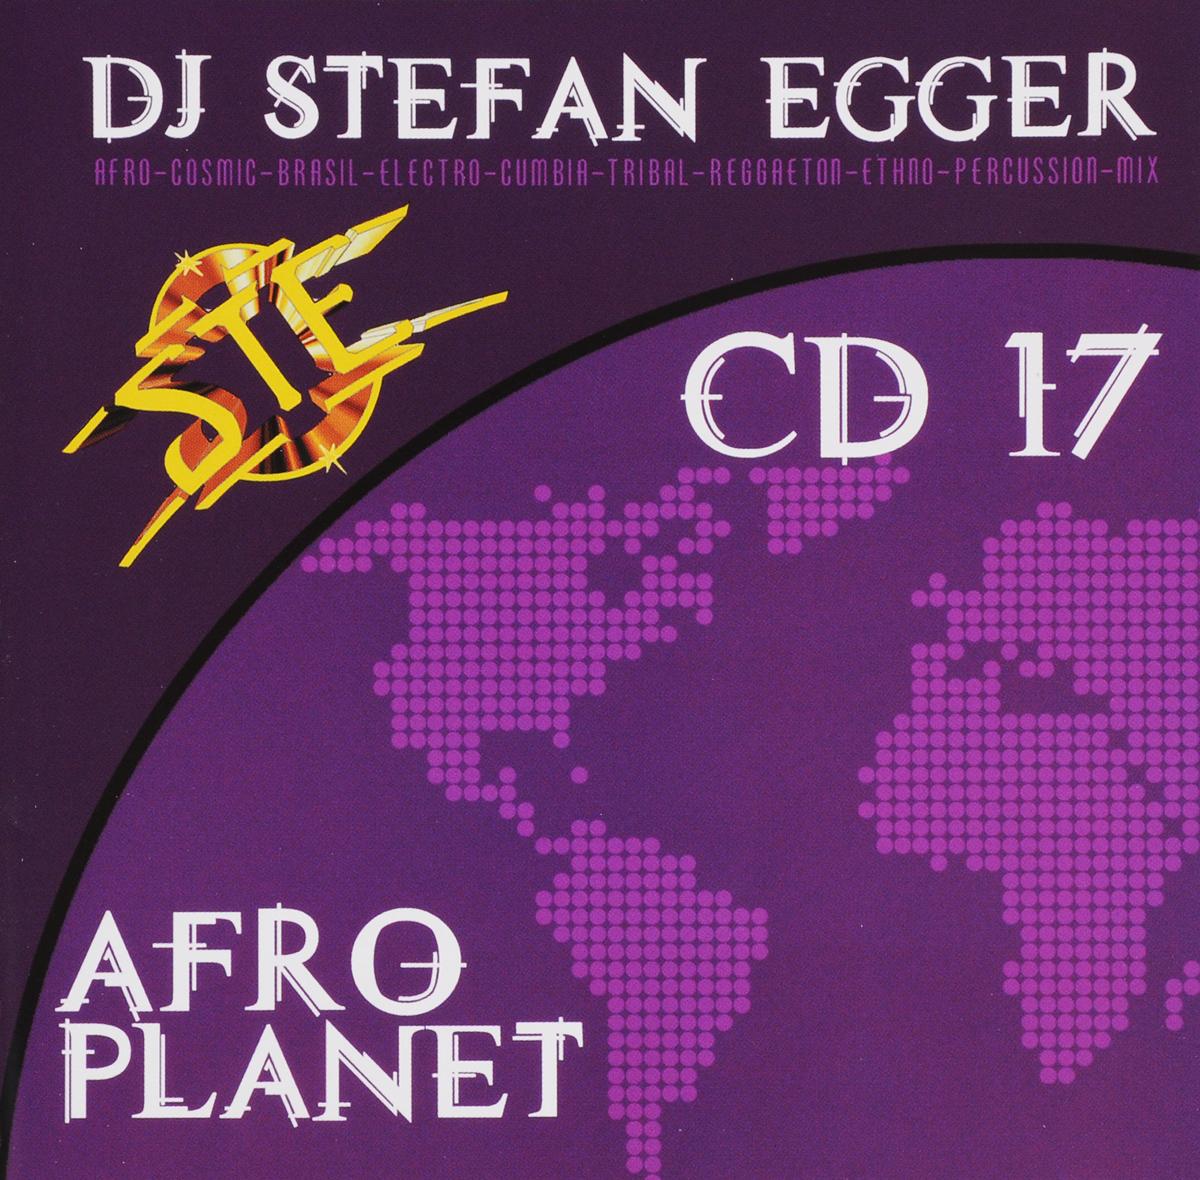 лучшая цена Stefan Egger / DJ Stefan Egger Dj Stefan Egger. Afro Planet CD 17